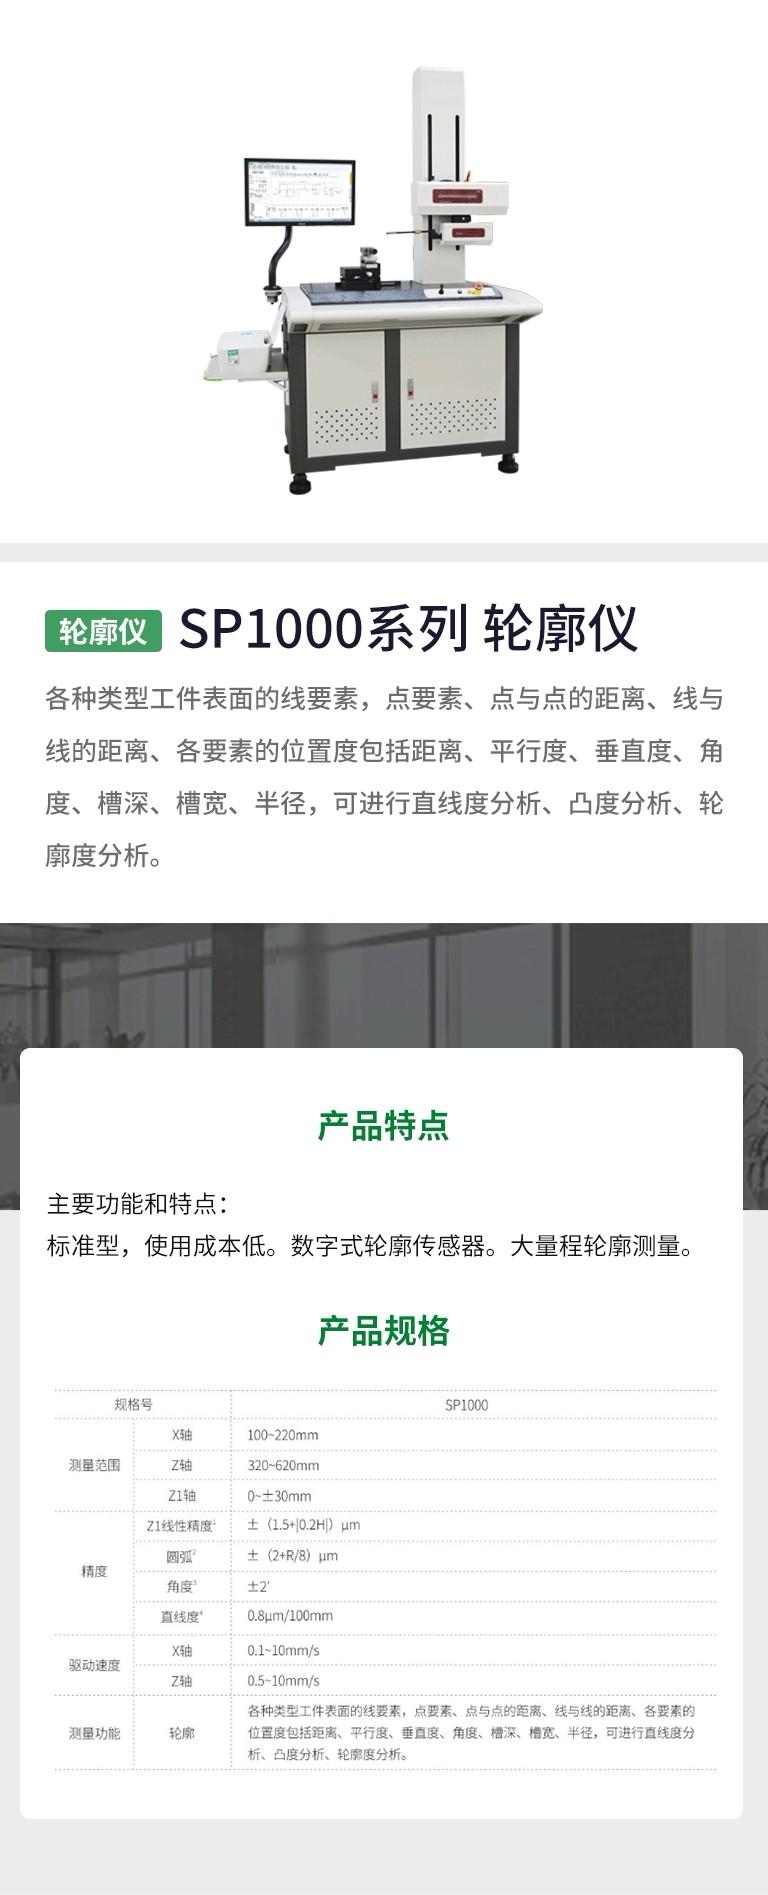 SP1000系列_01_看图王.jpg